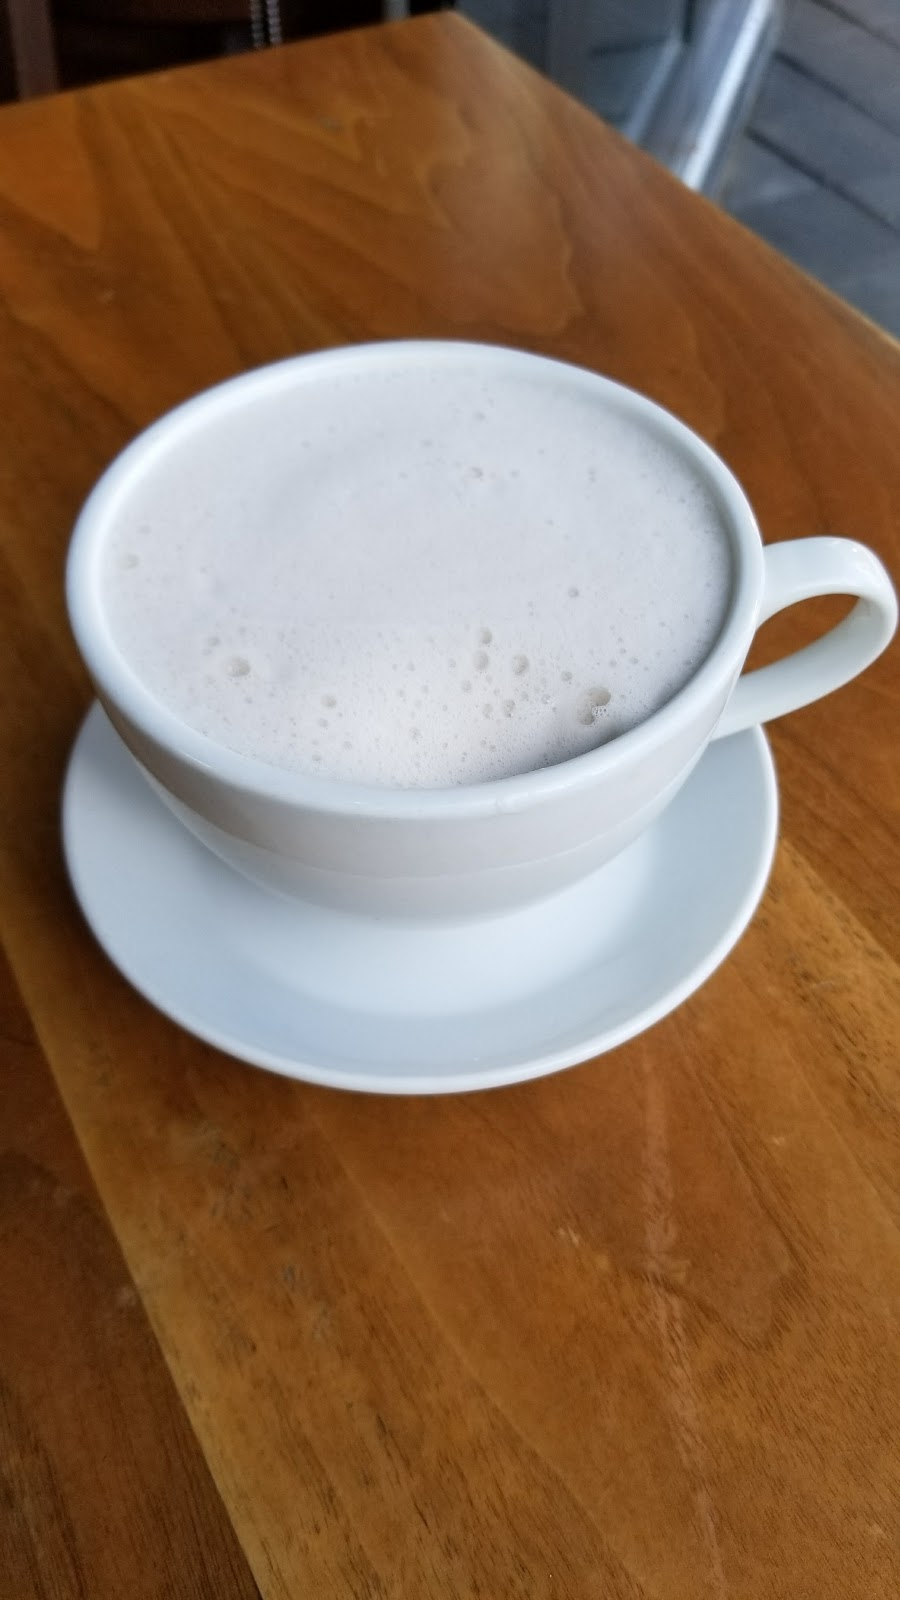 Selkirk Cafe | cafe | 2960 Jutland Rd, Victoria, BC V8T 5K7, Canada | 2503839339 OR +1 250-383-9339